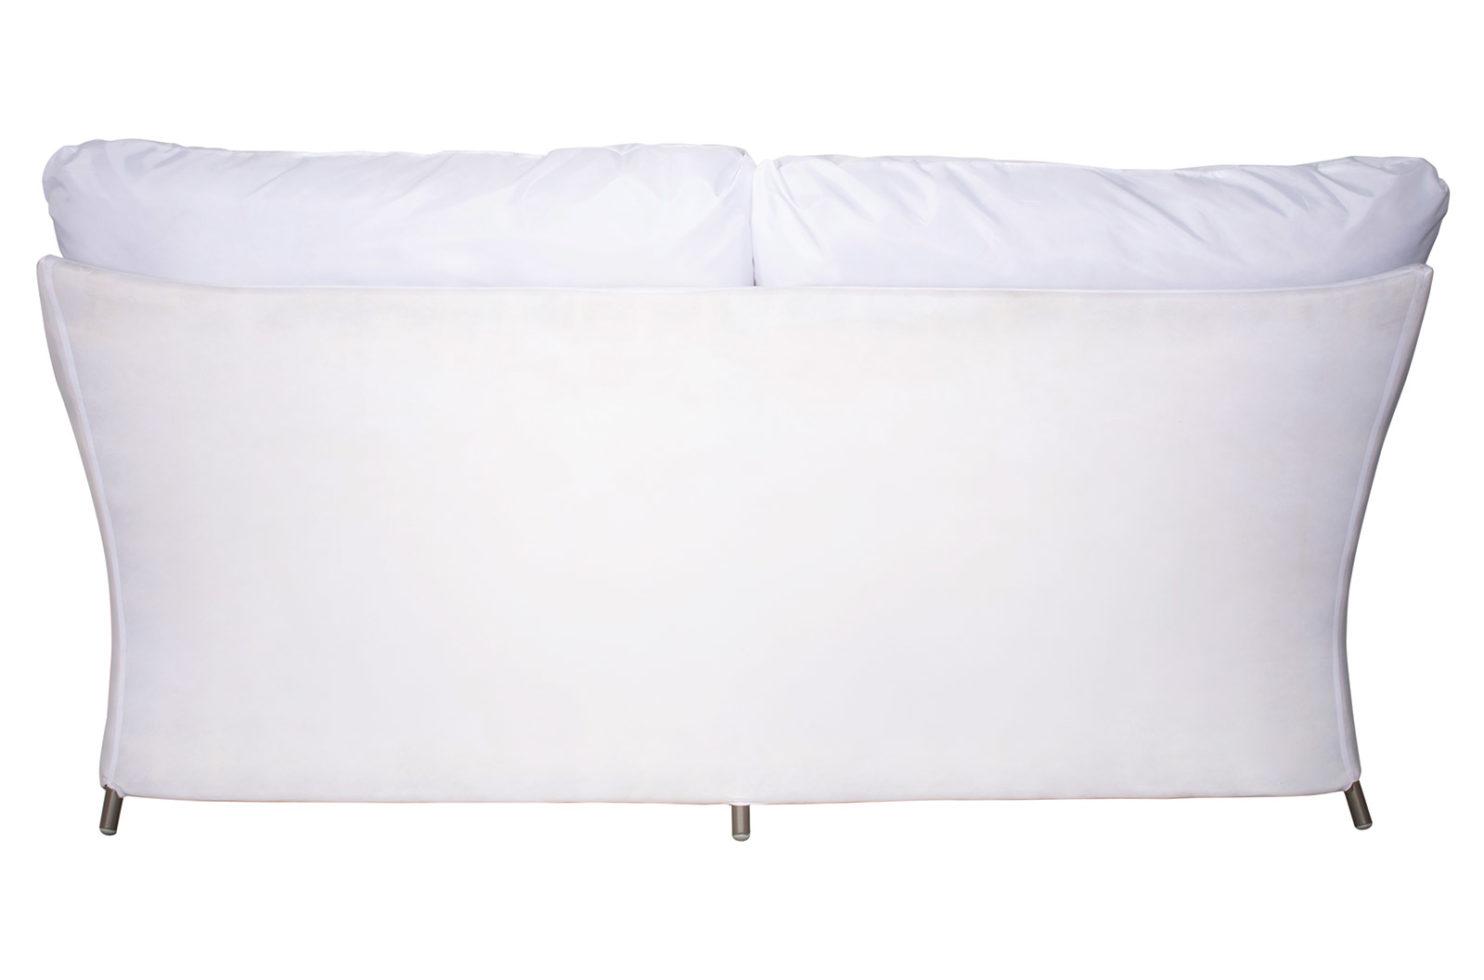 capri sofa frame 620FT094P2 1 back